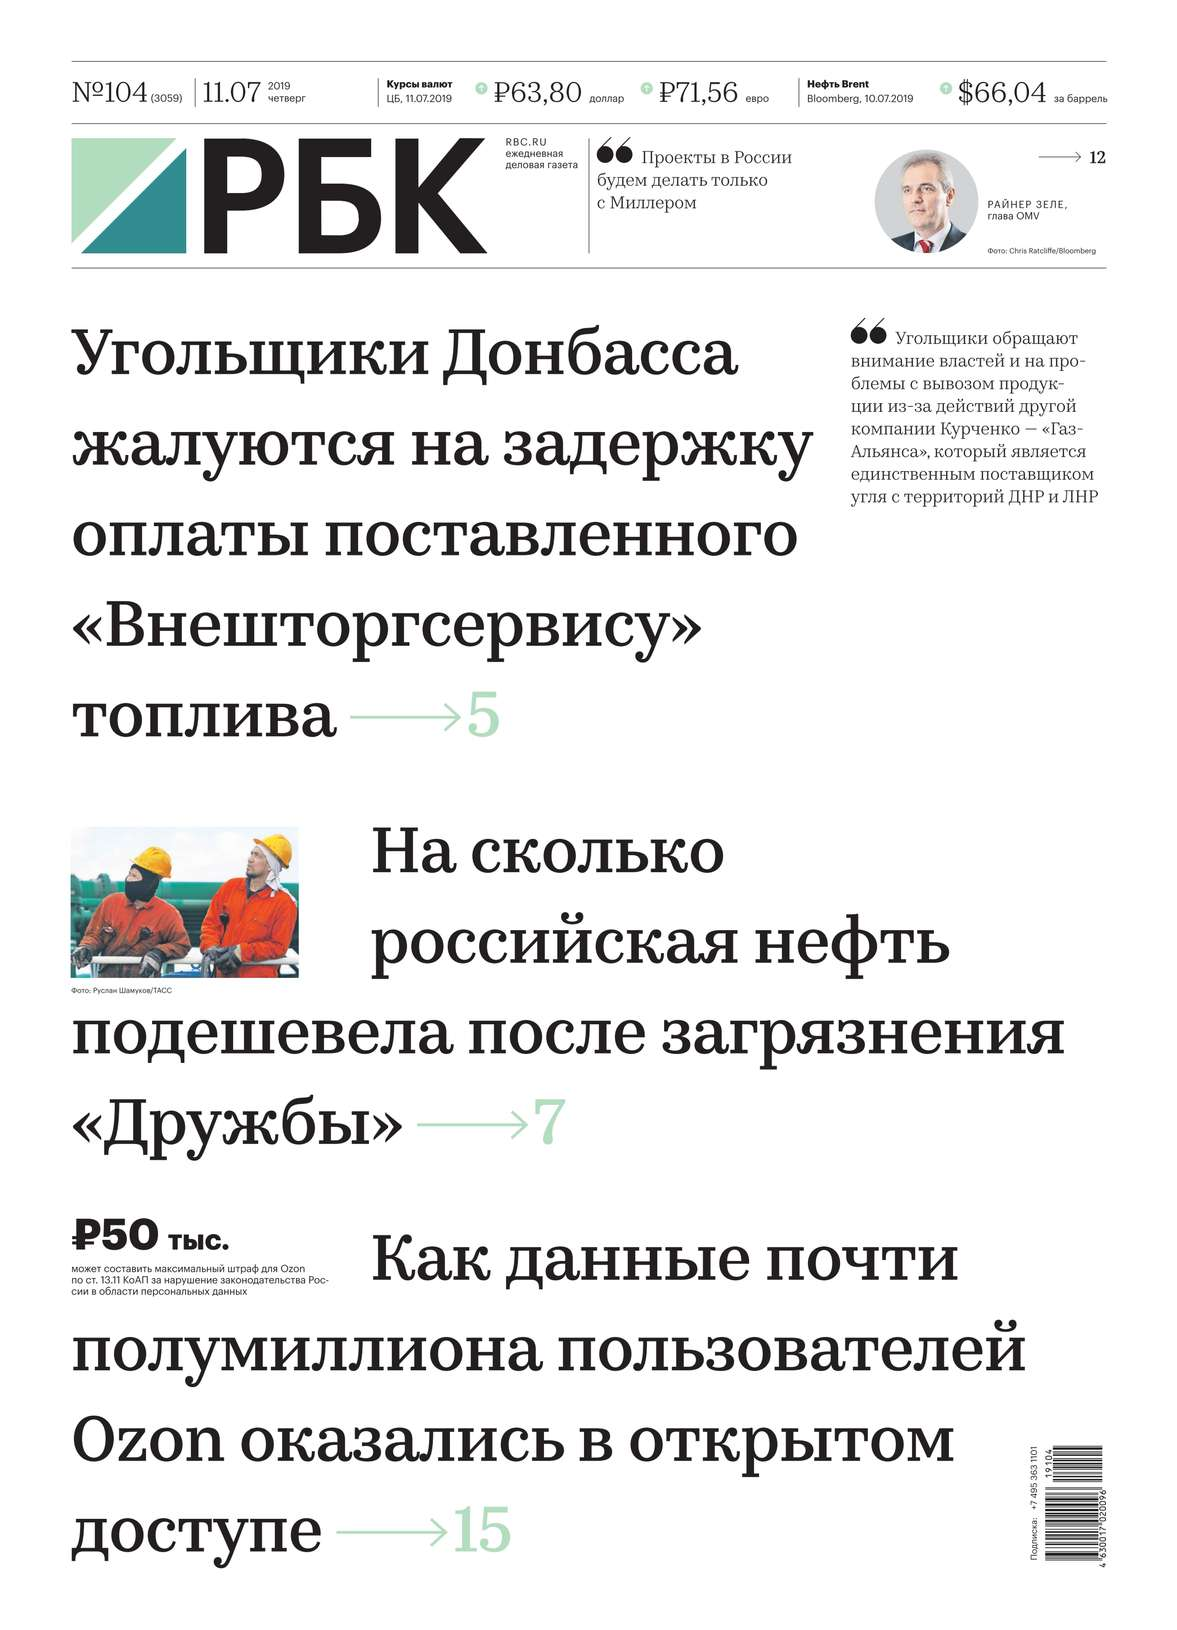 Ежедневная Деловая Газета Рбк 104-2019